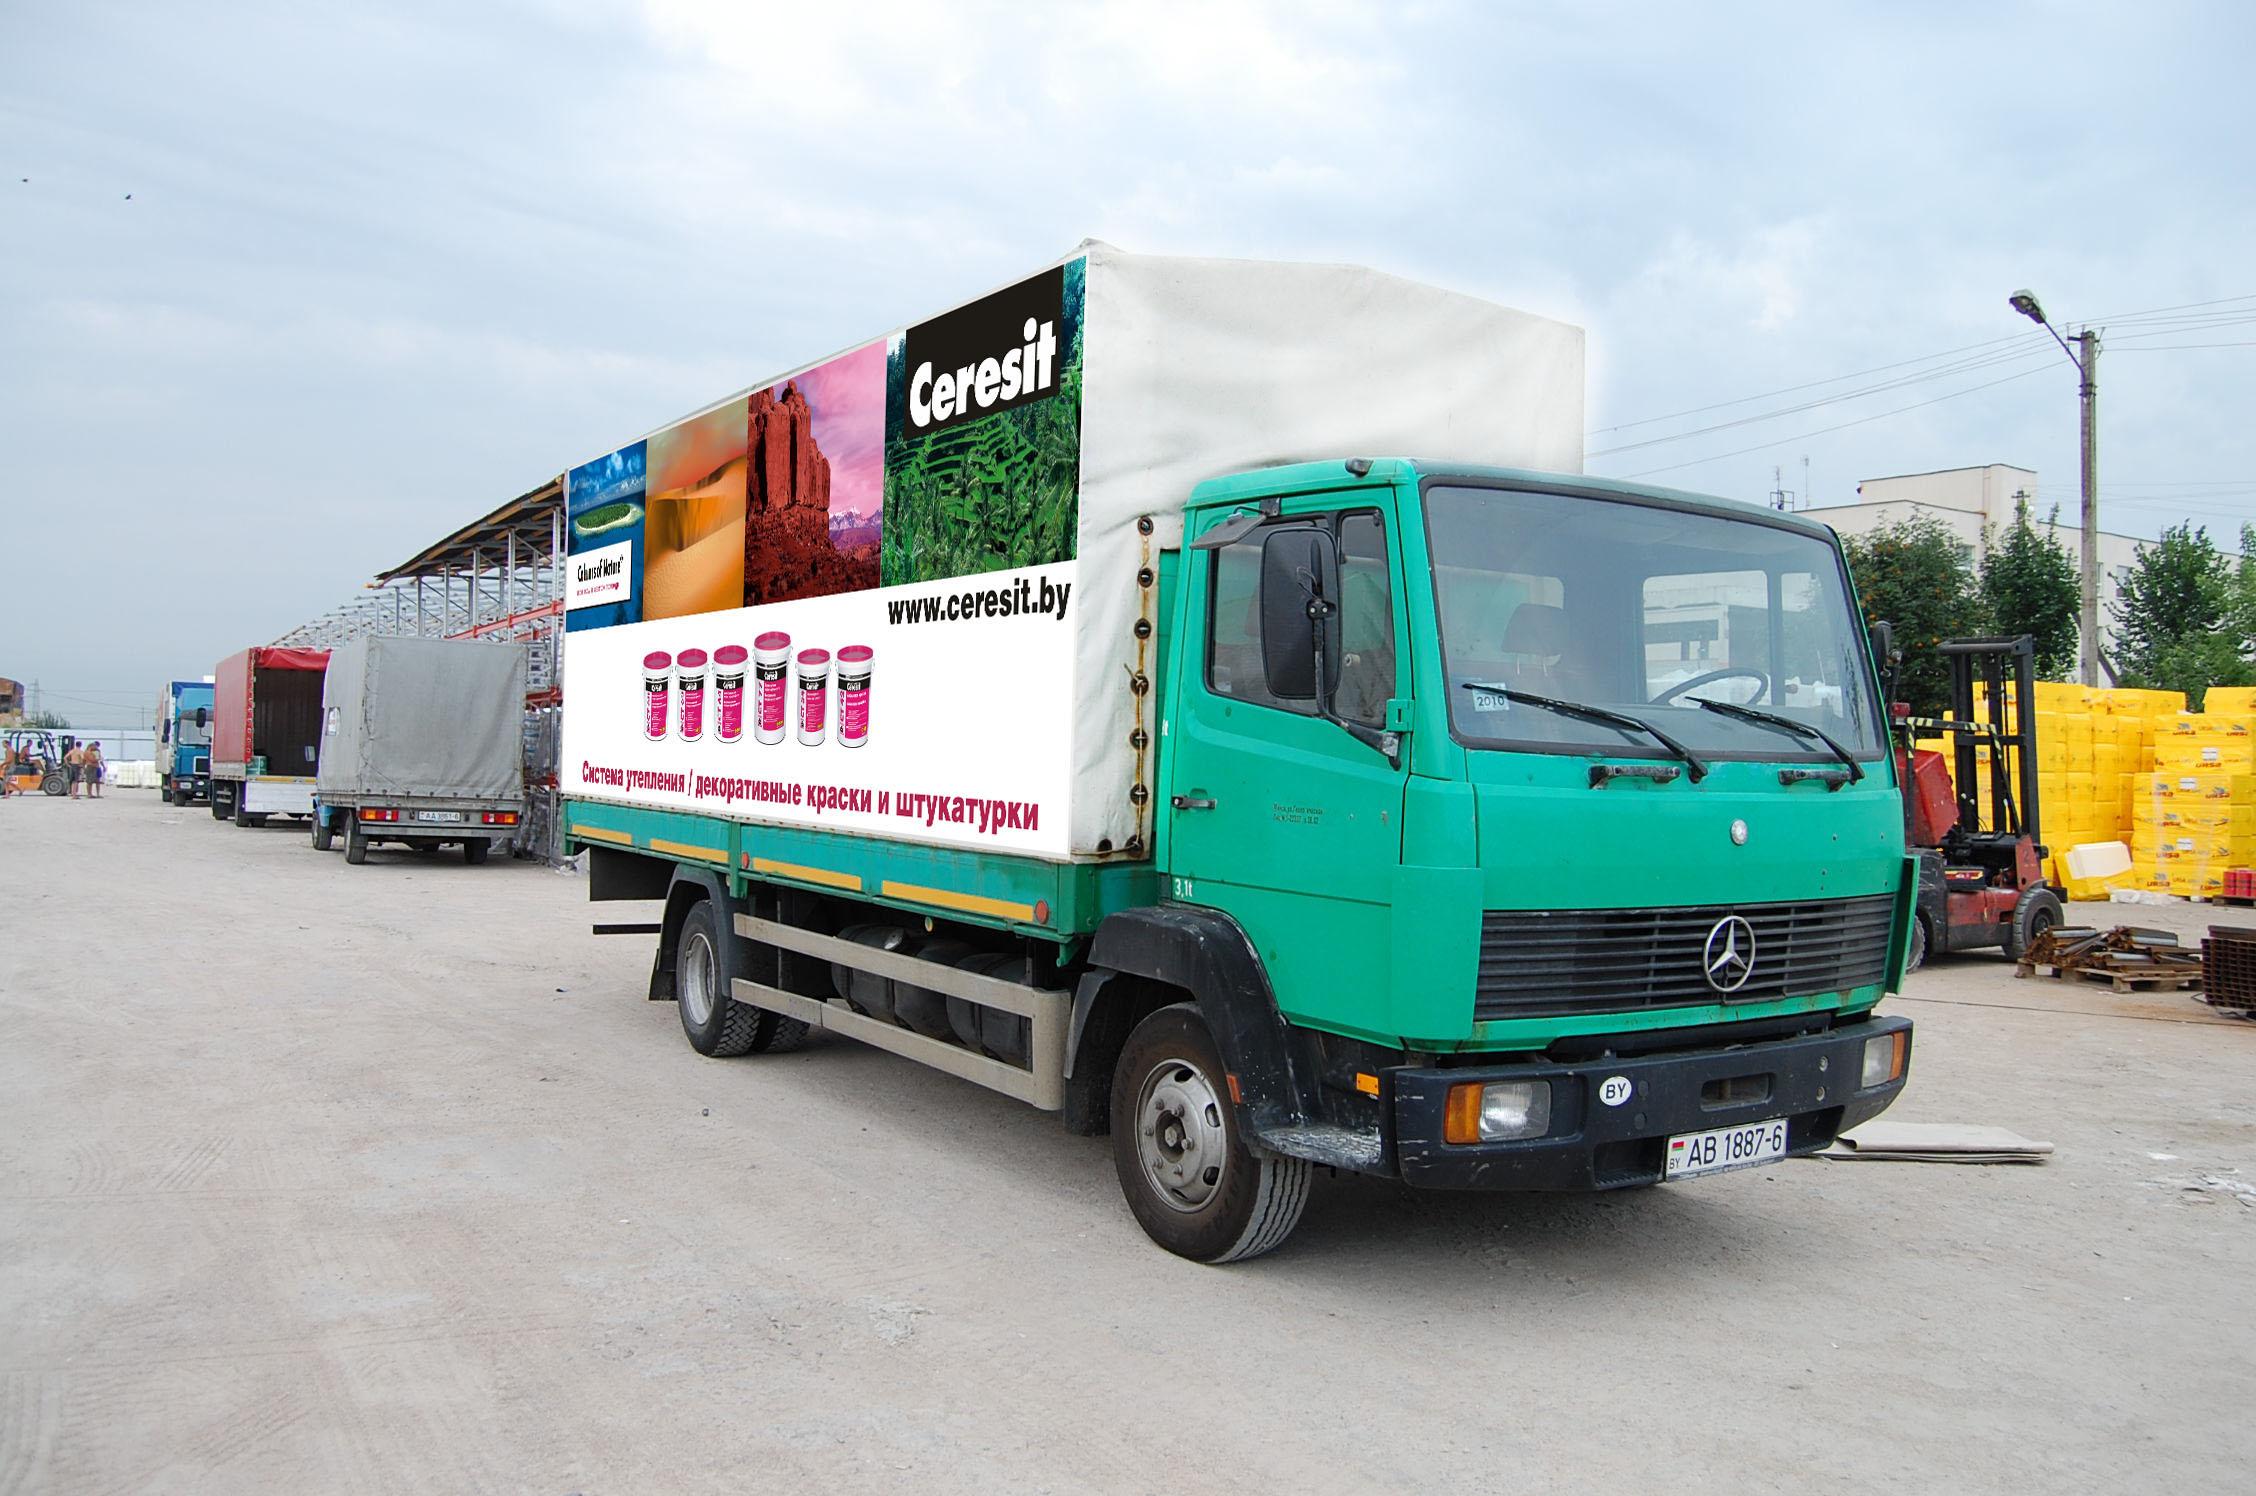 6 1 Рекламные изображения для тентах транспортных средств. Ceresit